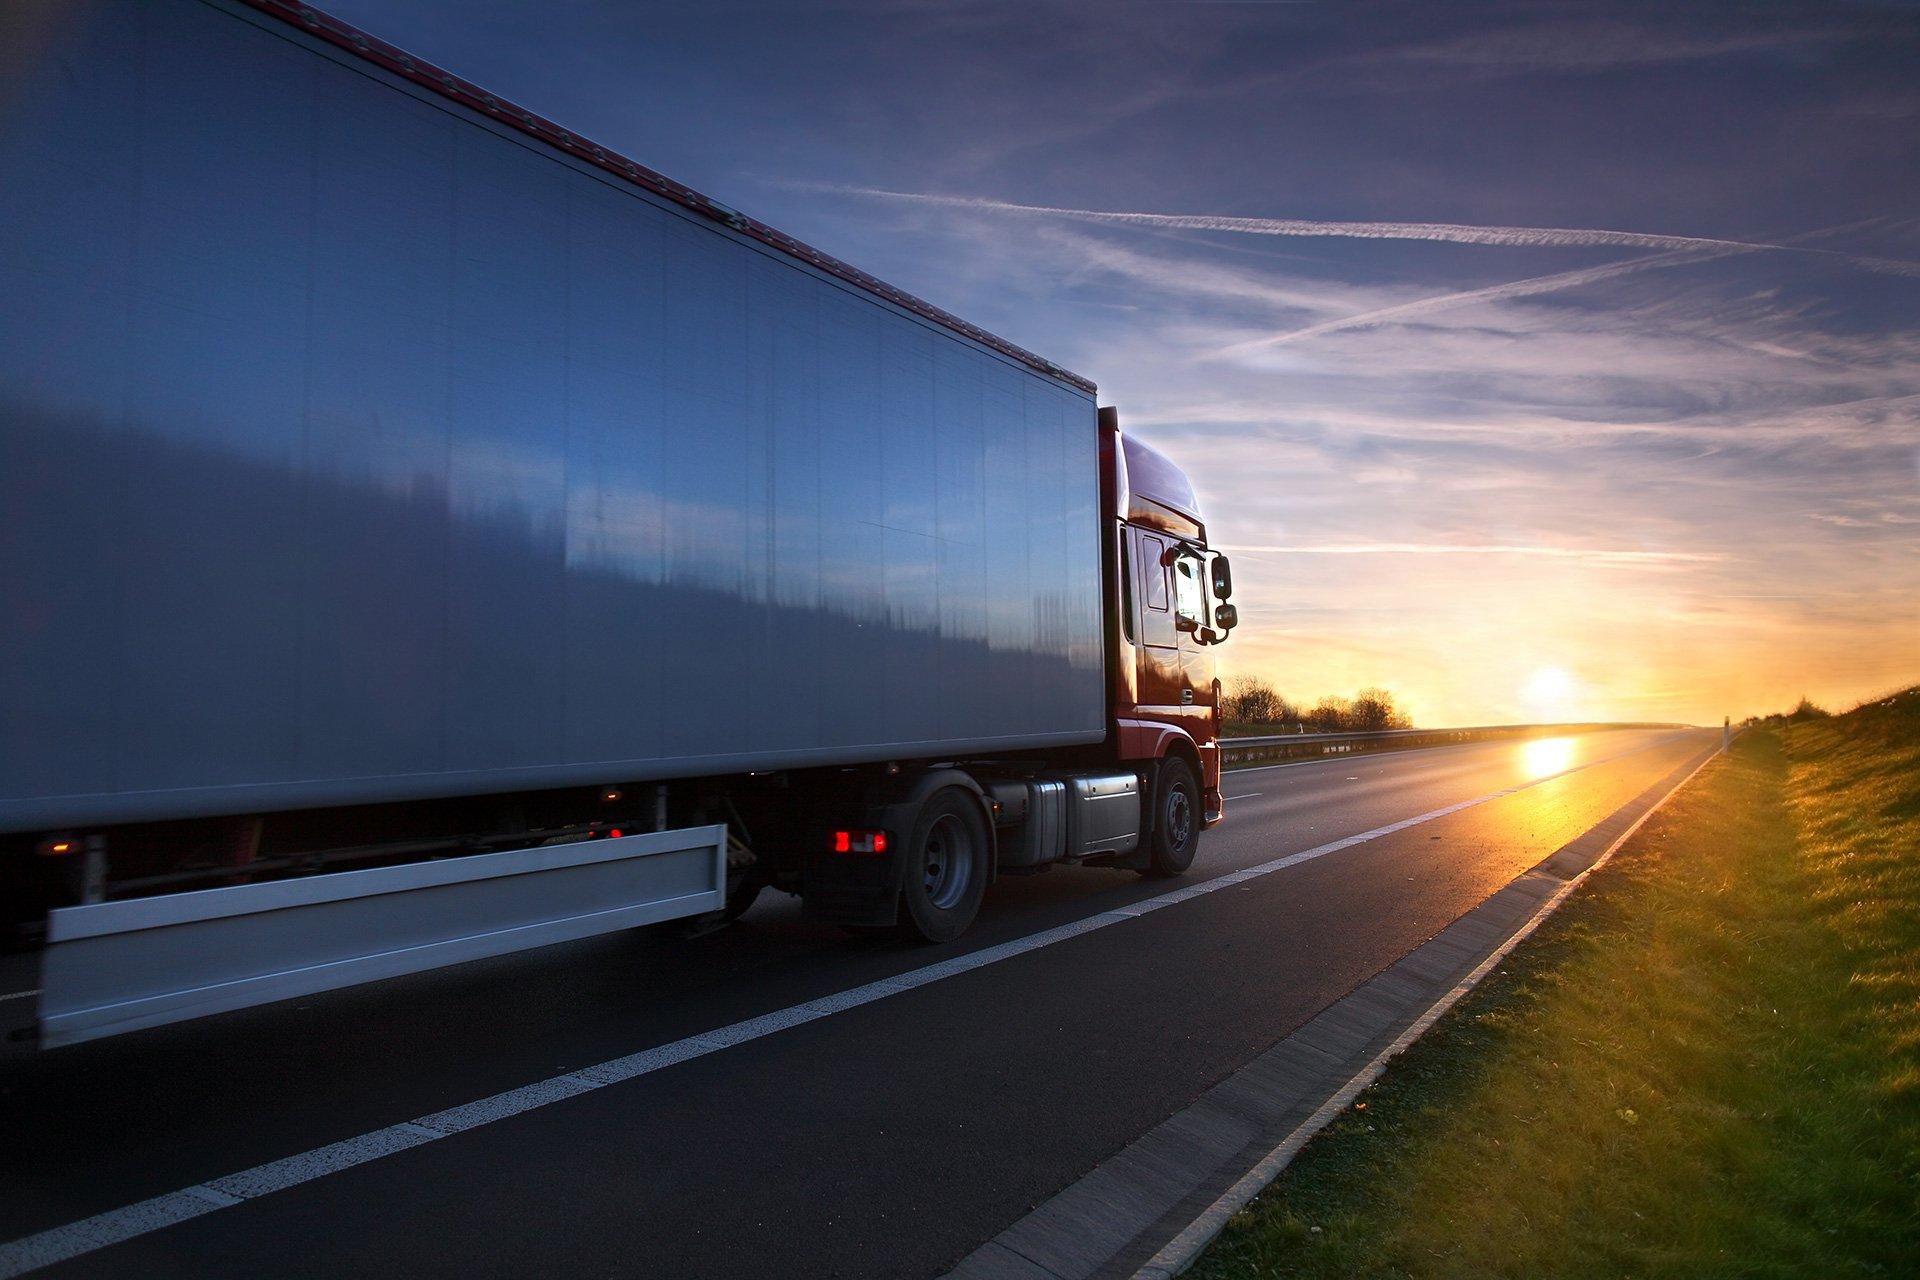 camion per trasporto merci